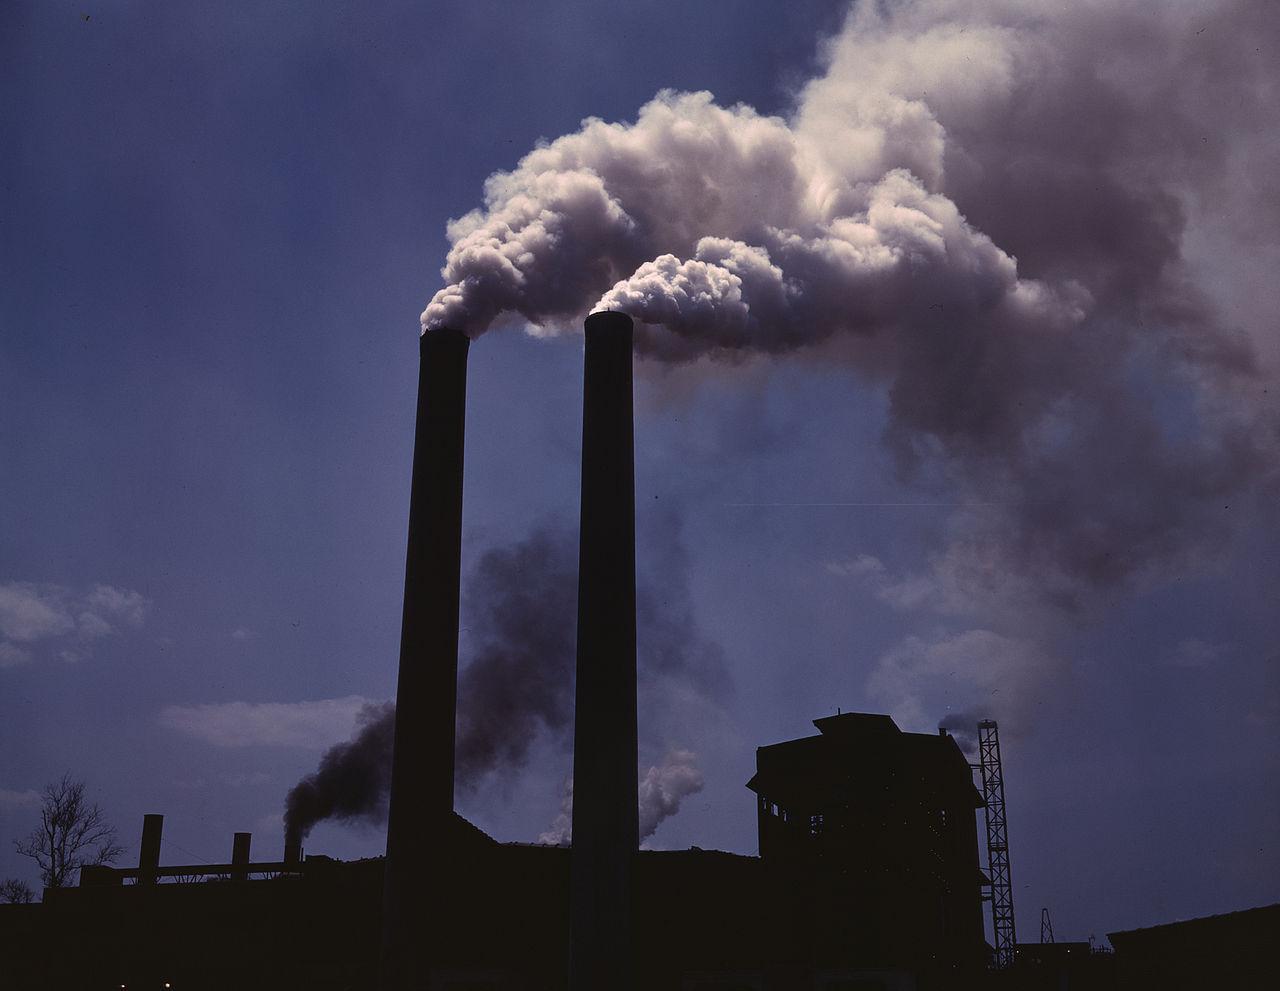 Koldioxidutsläppen högre än någonsin tidigare